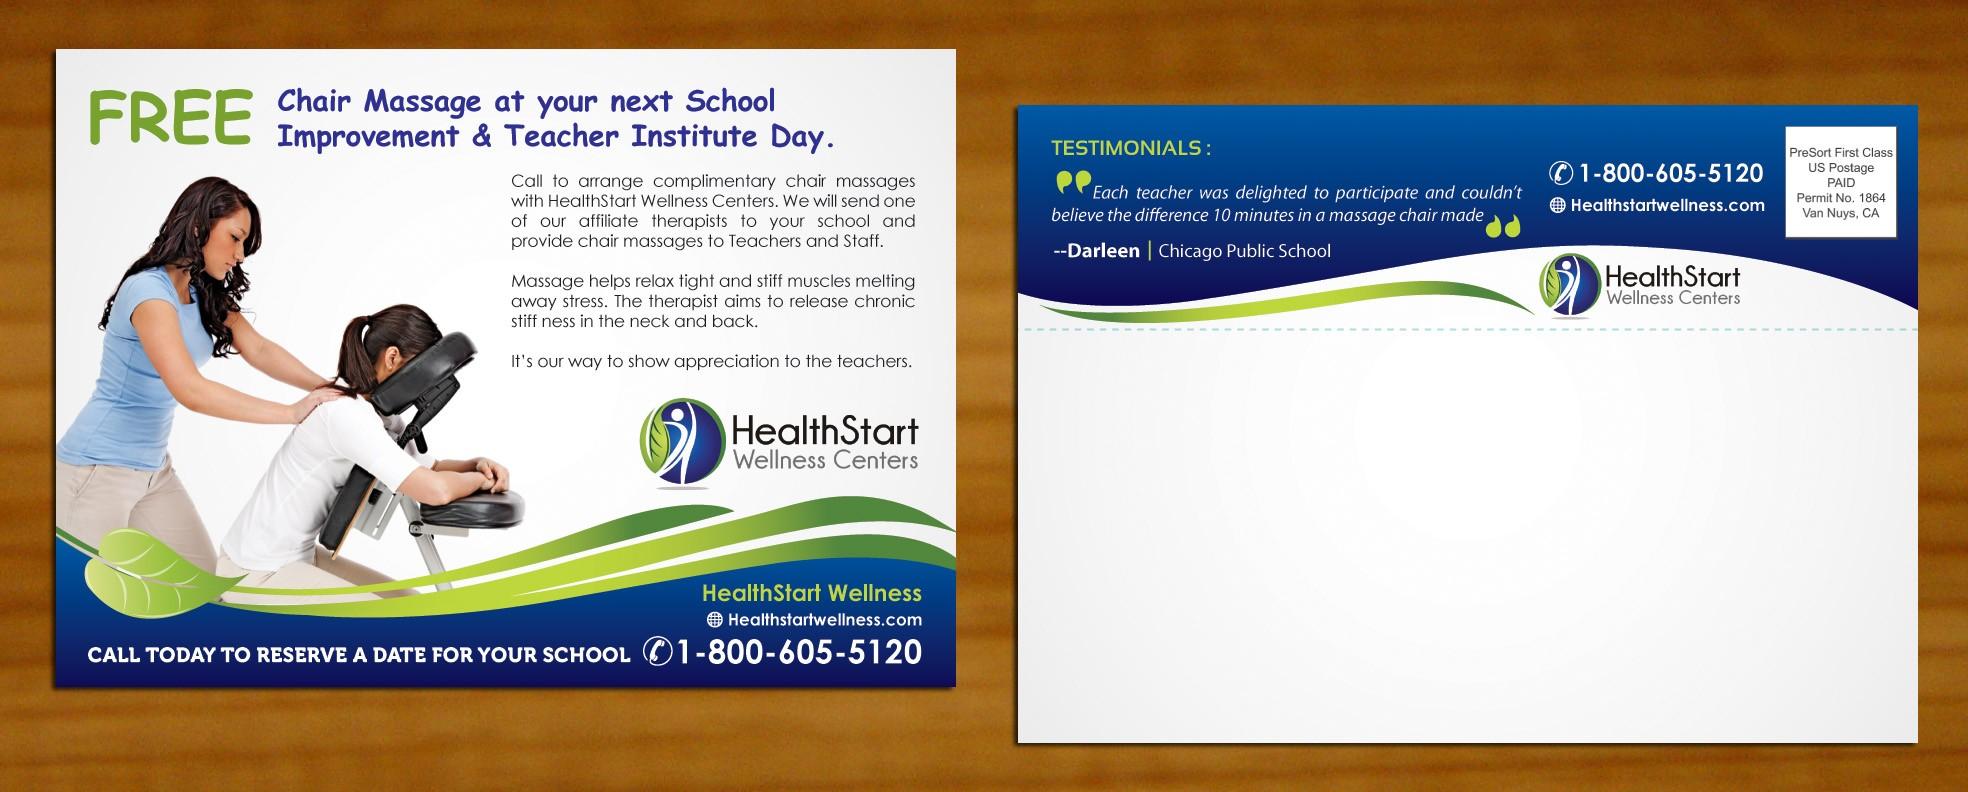 Best Postcard Design Company Affordable Postcard Design